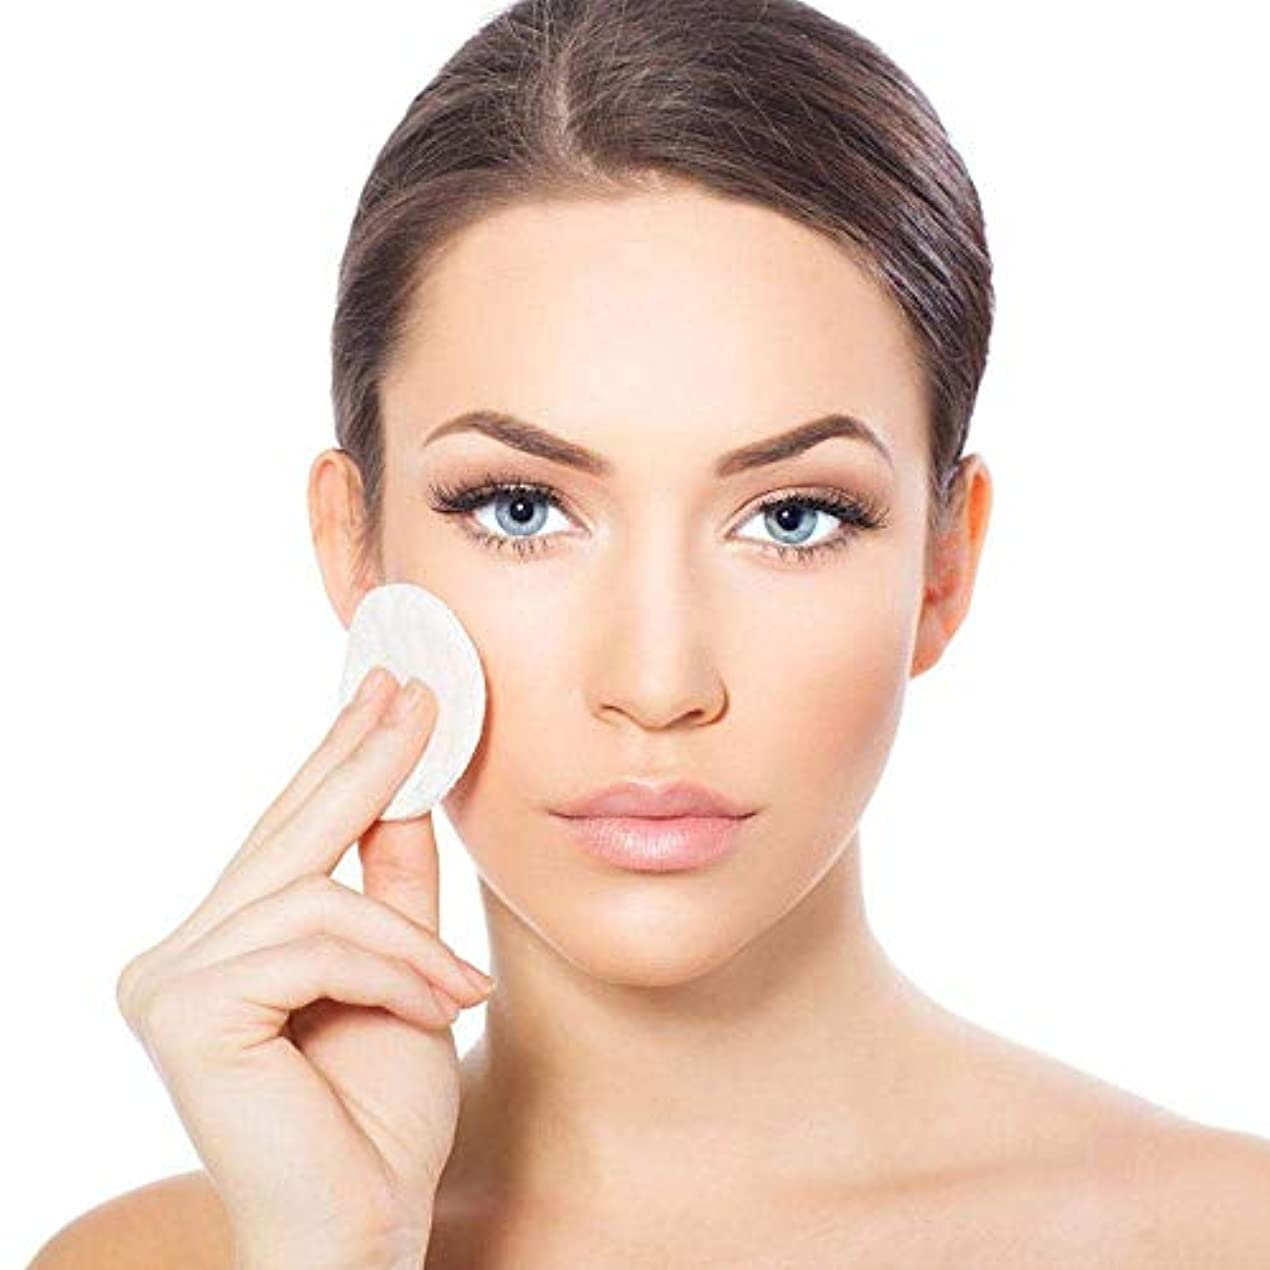 ゲストターゲット潜むユニセックス 洗面再利用可能 3層化粧品除去パッド顔清潔ワイプ 化粧落としコットン 肌に優しい 16セット